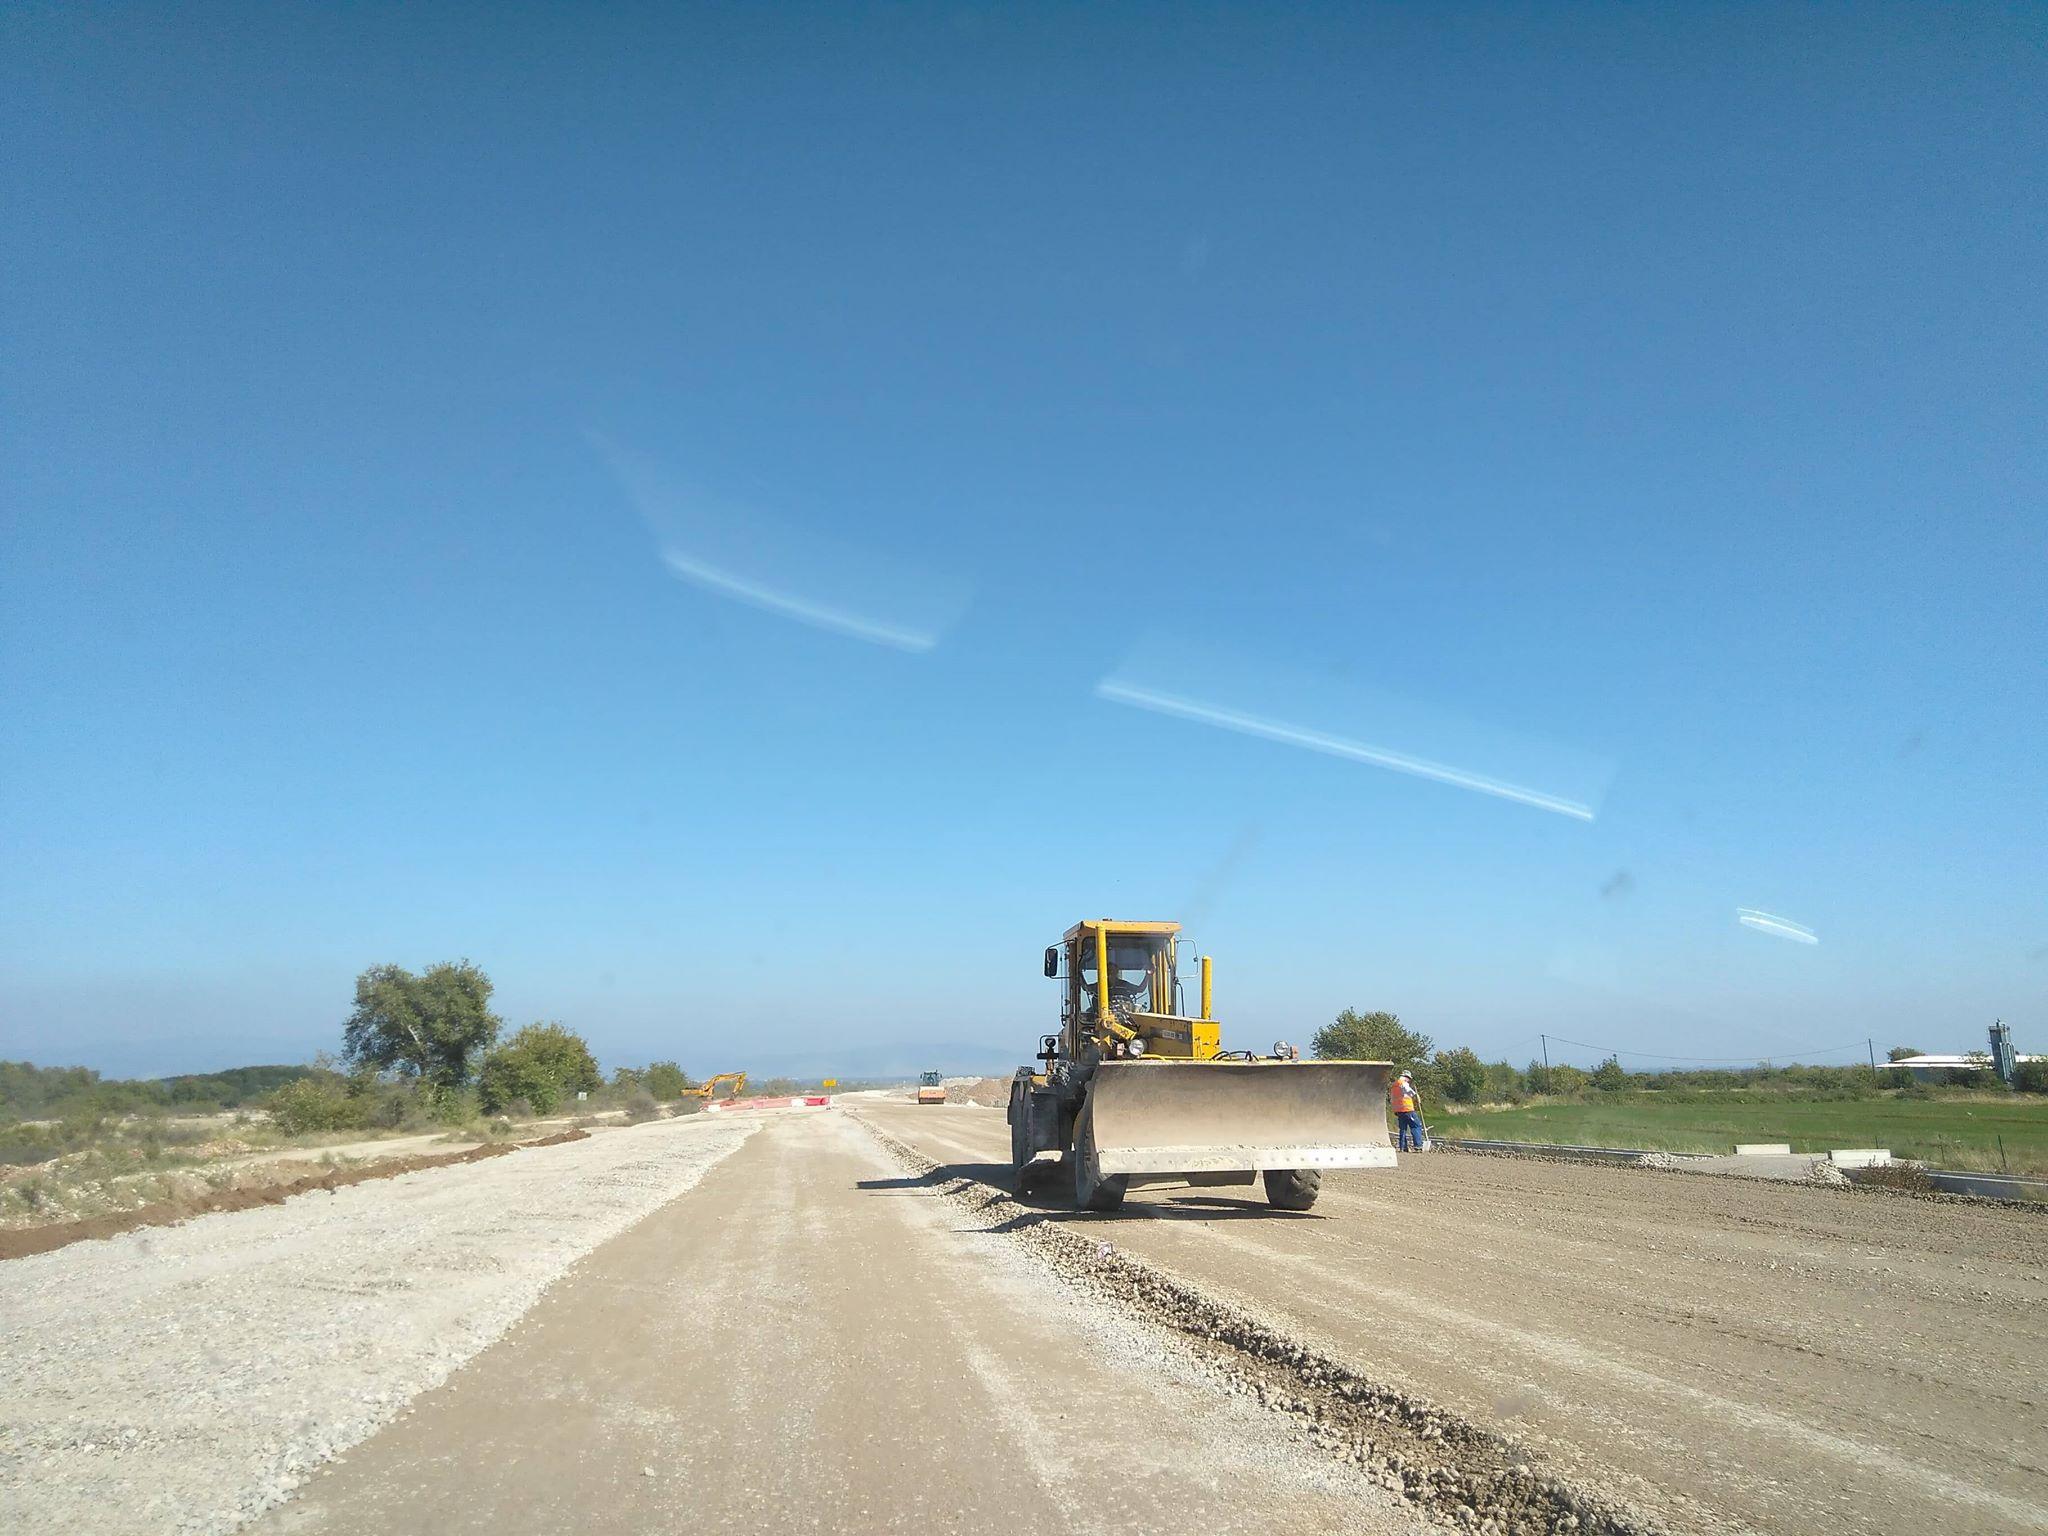 Αποκατάσταση του ορεινού οδικού δικτύου Πύλης